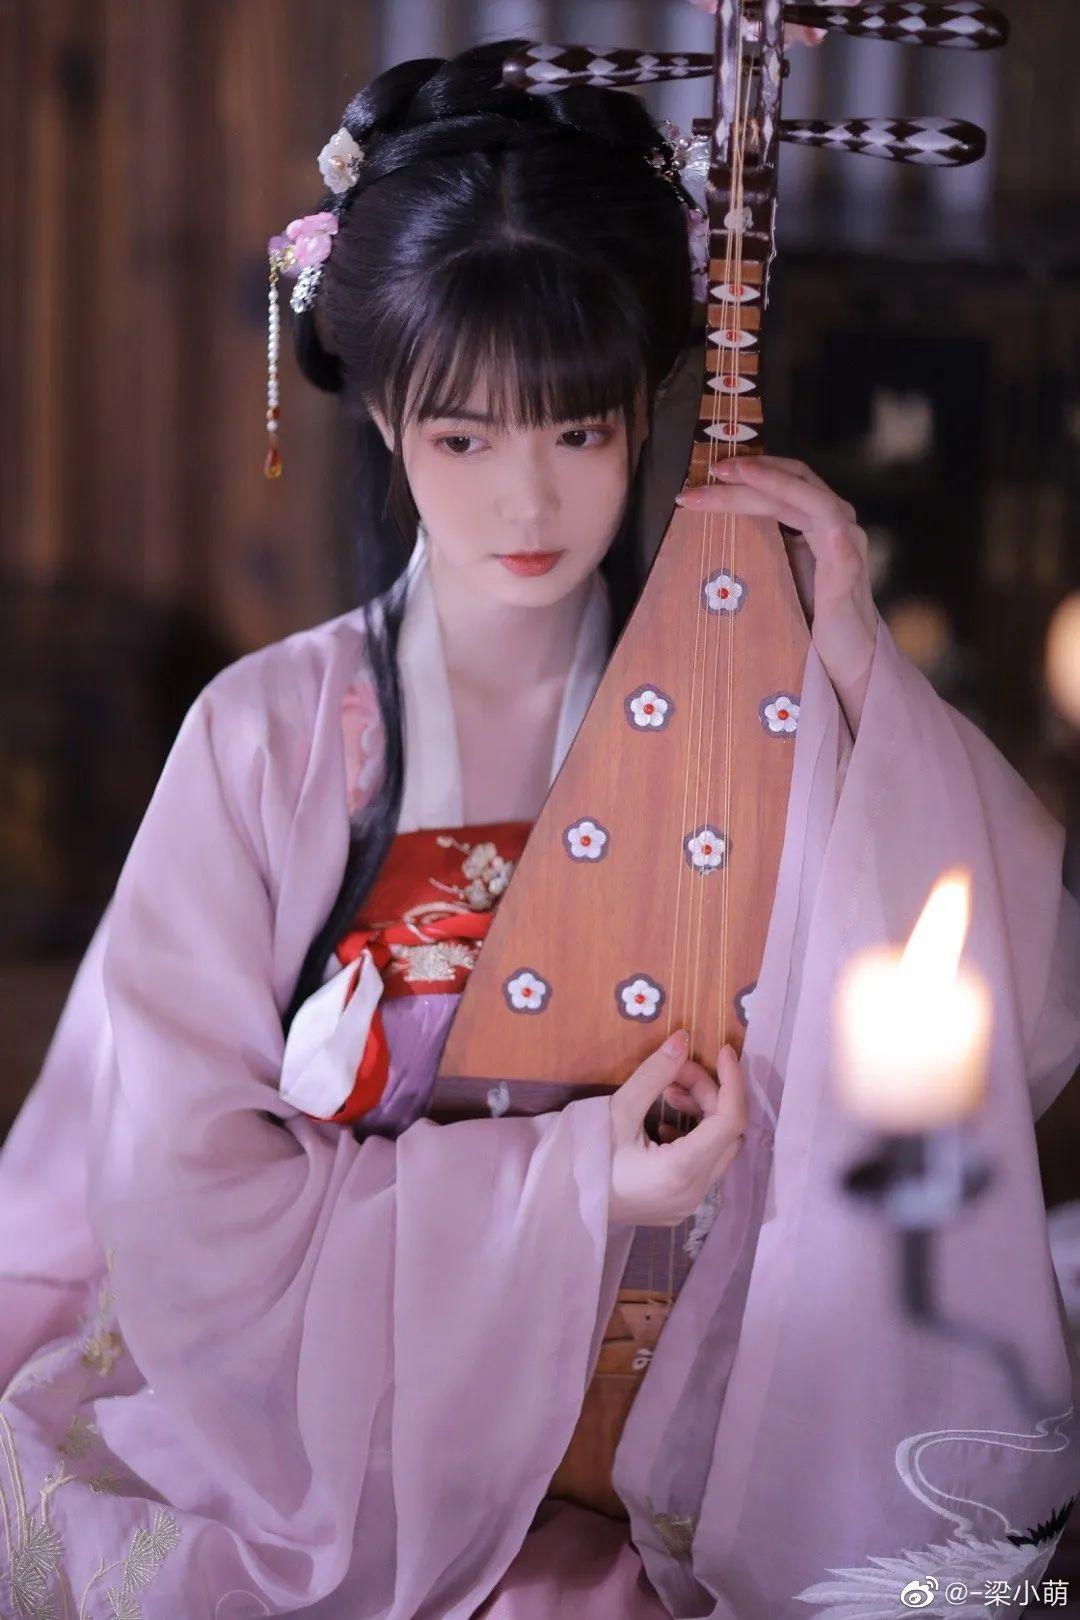 妹子摄影 – 古典汉服少女,美人之美,婉转灵韵~_图片 No.5